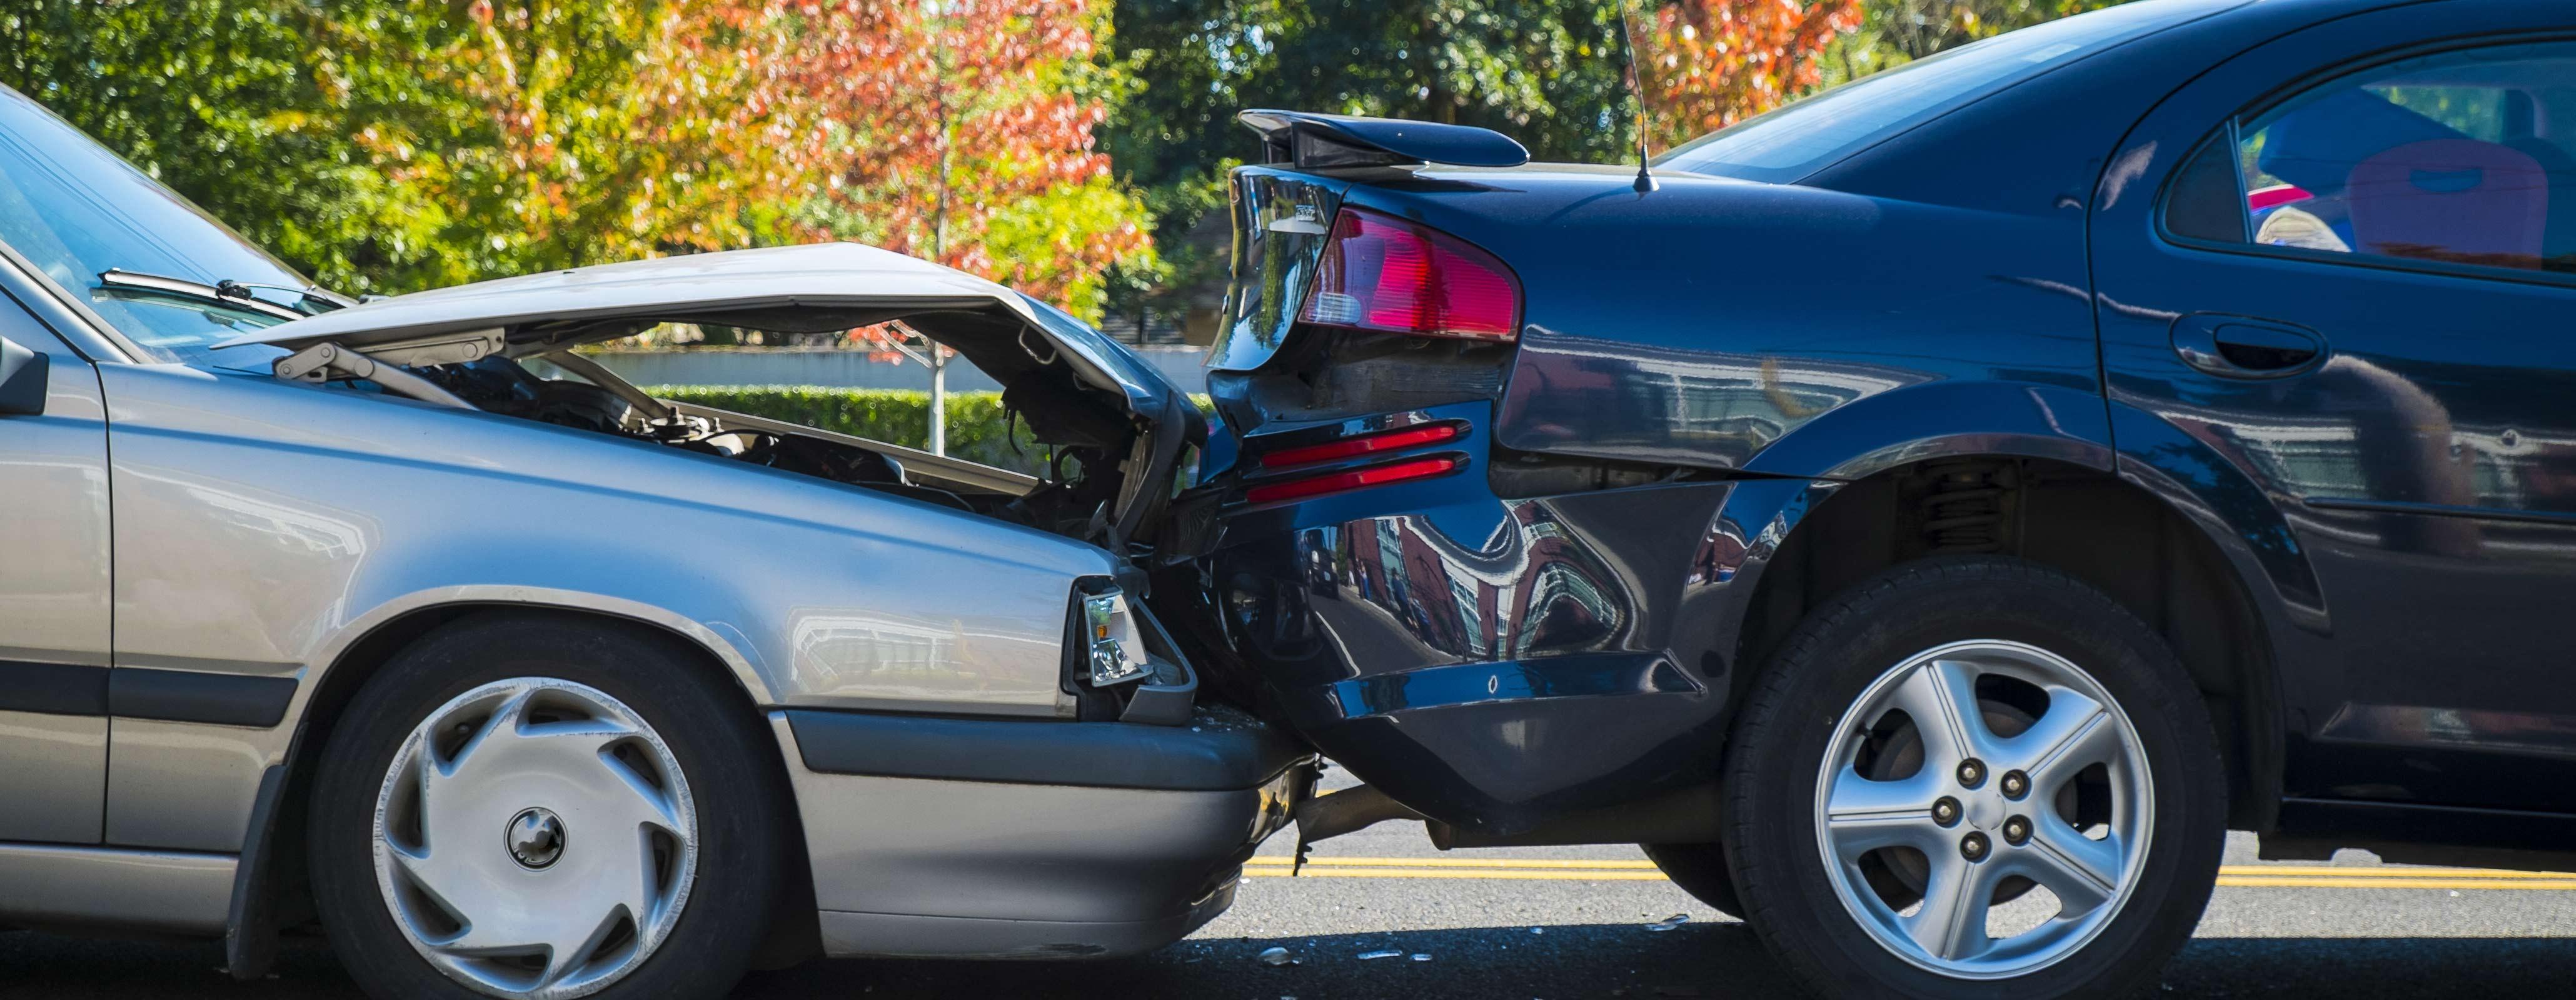 Tips om autoschade te voorkomen